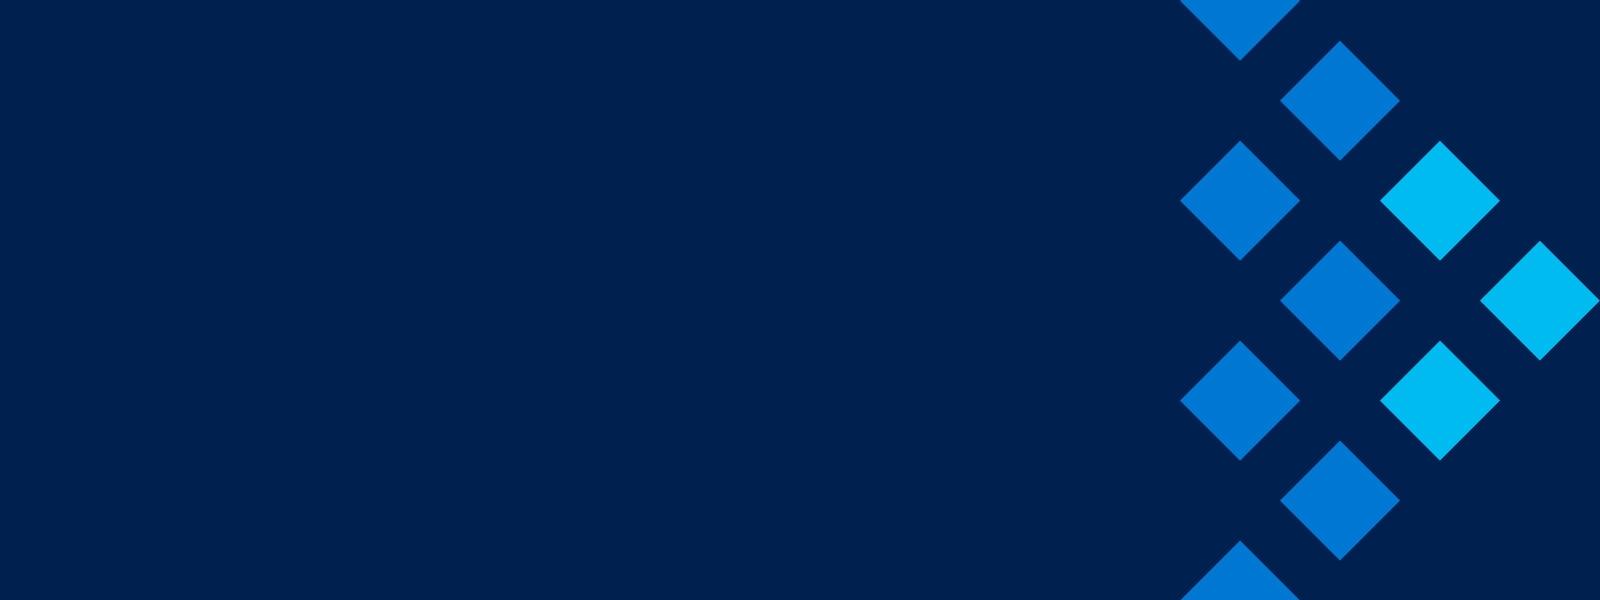 Blauer Hintergrund mit einem Pfeil nach rechts.